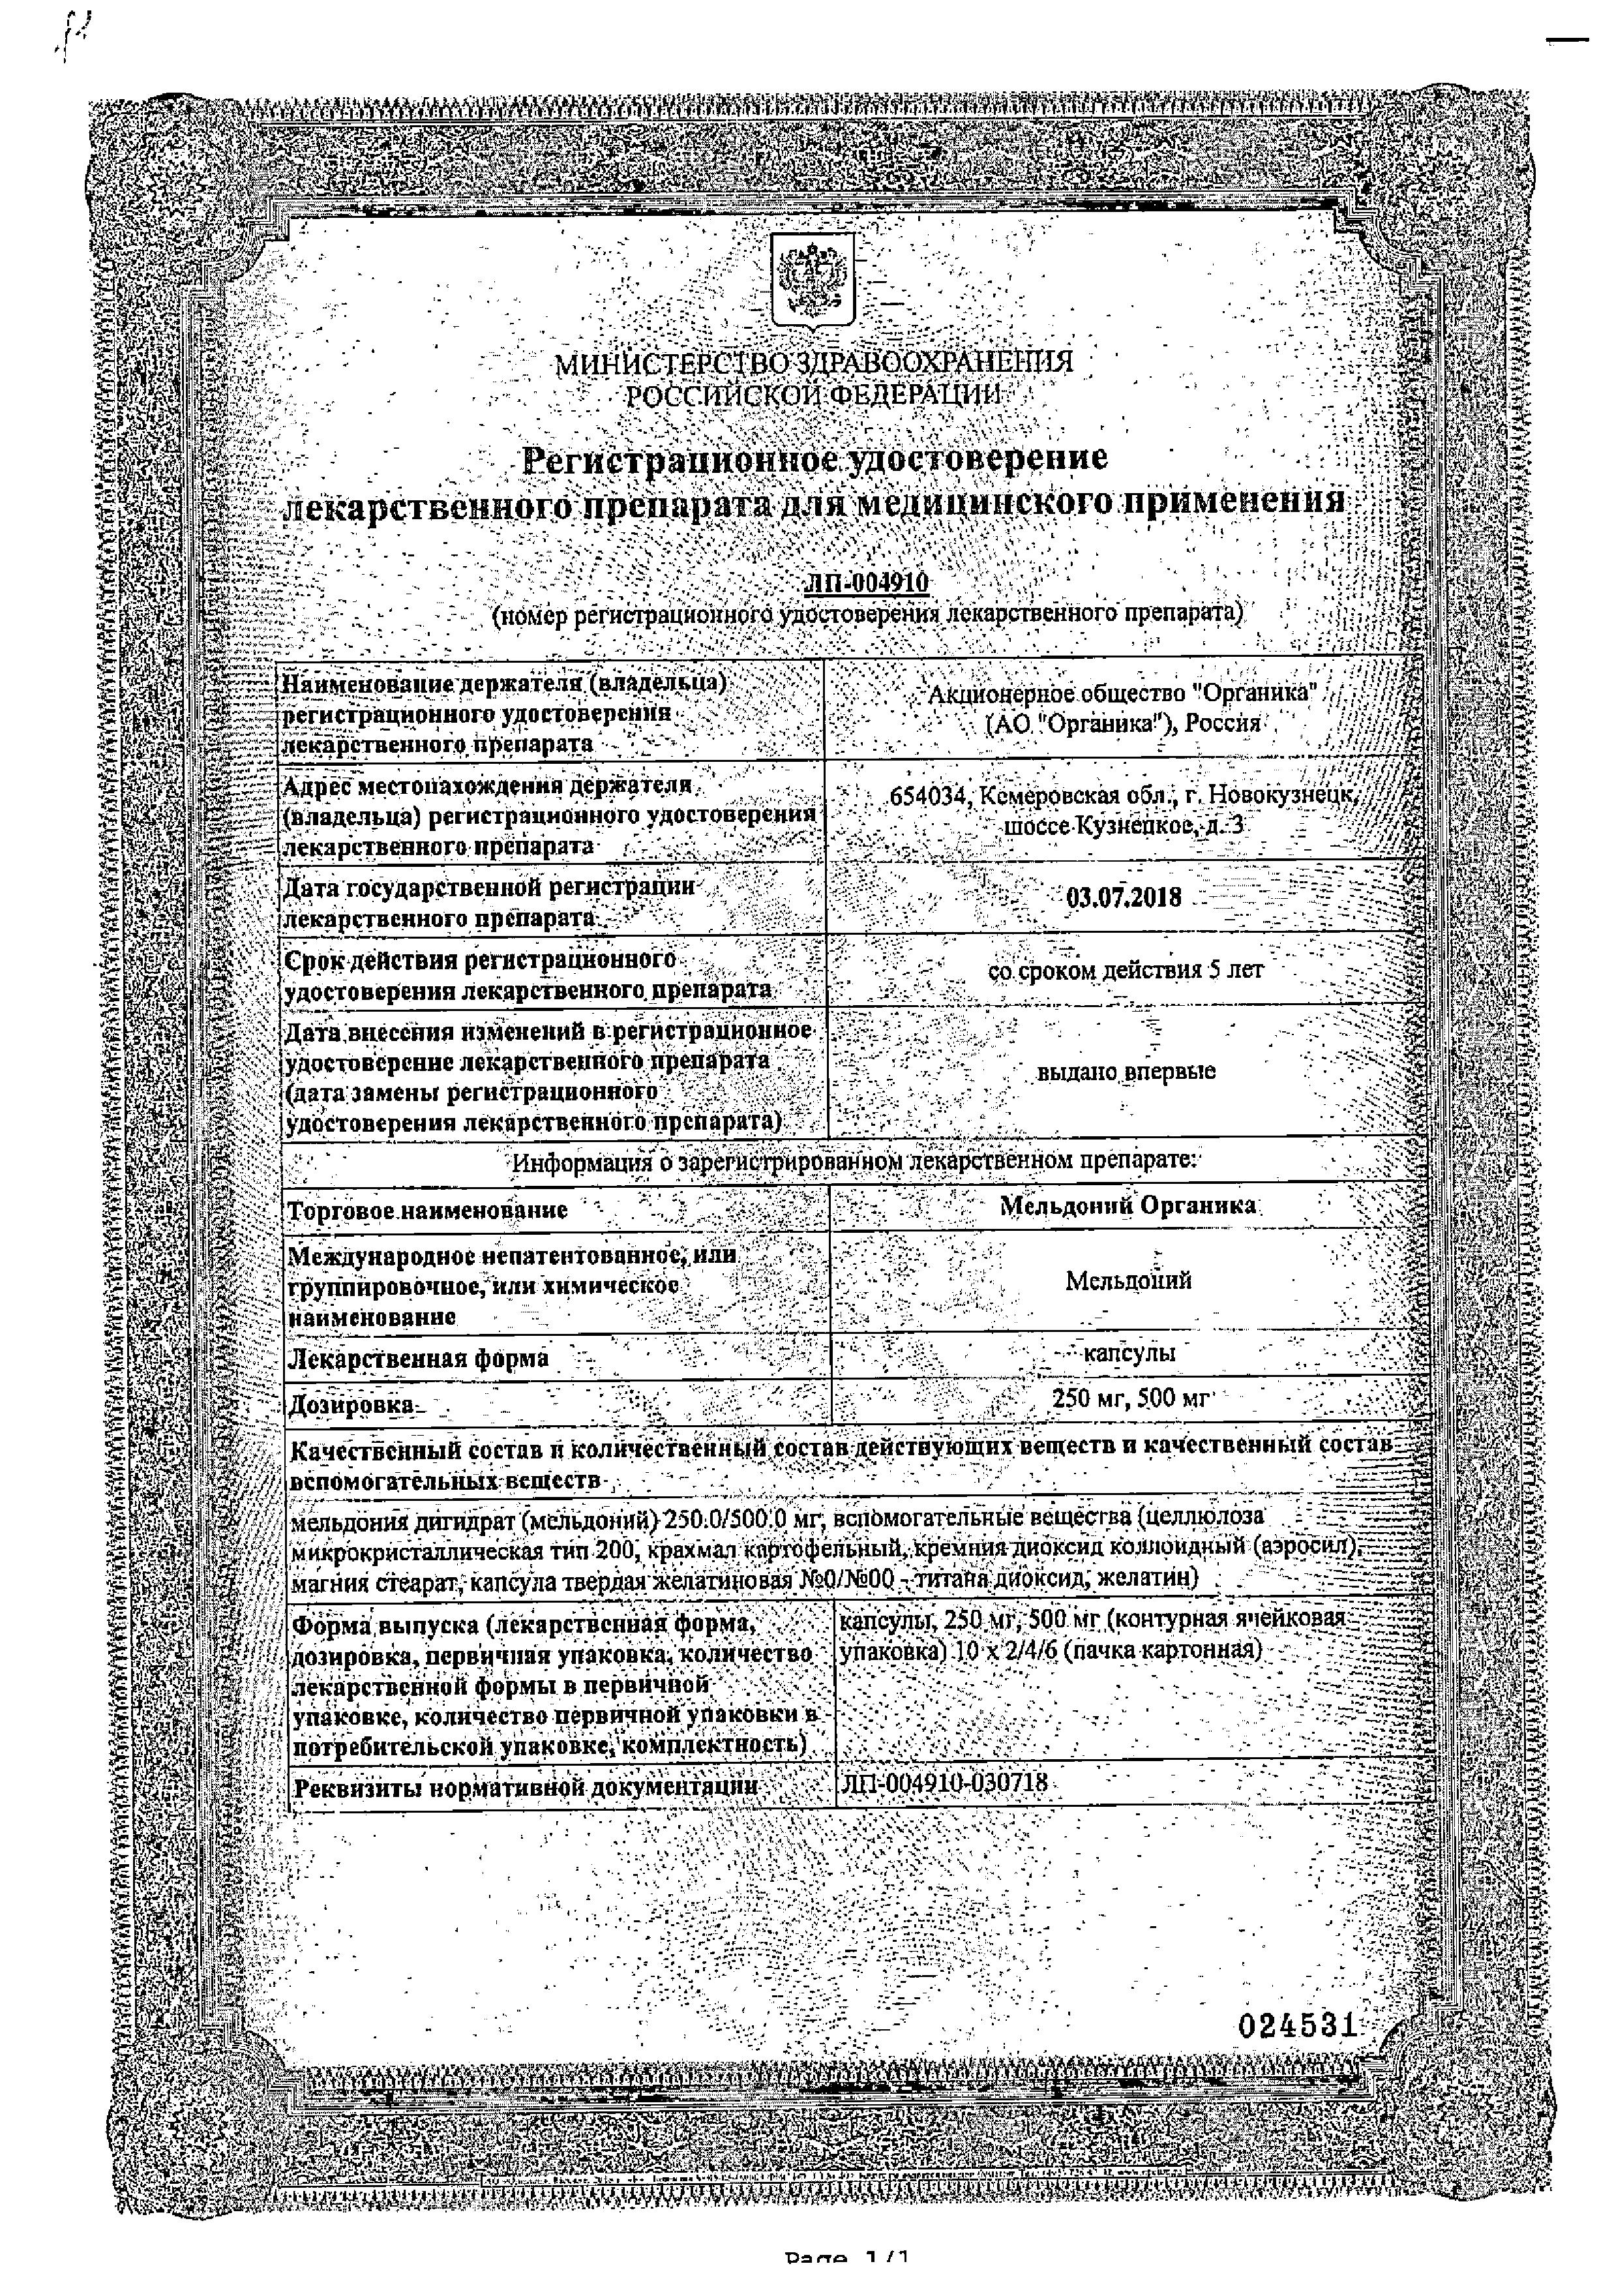 Мельдоний Органика сертификат